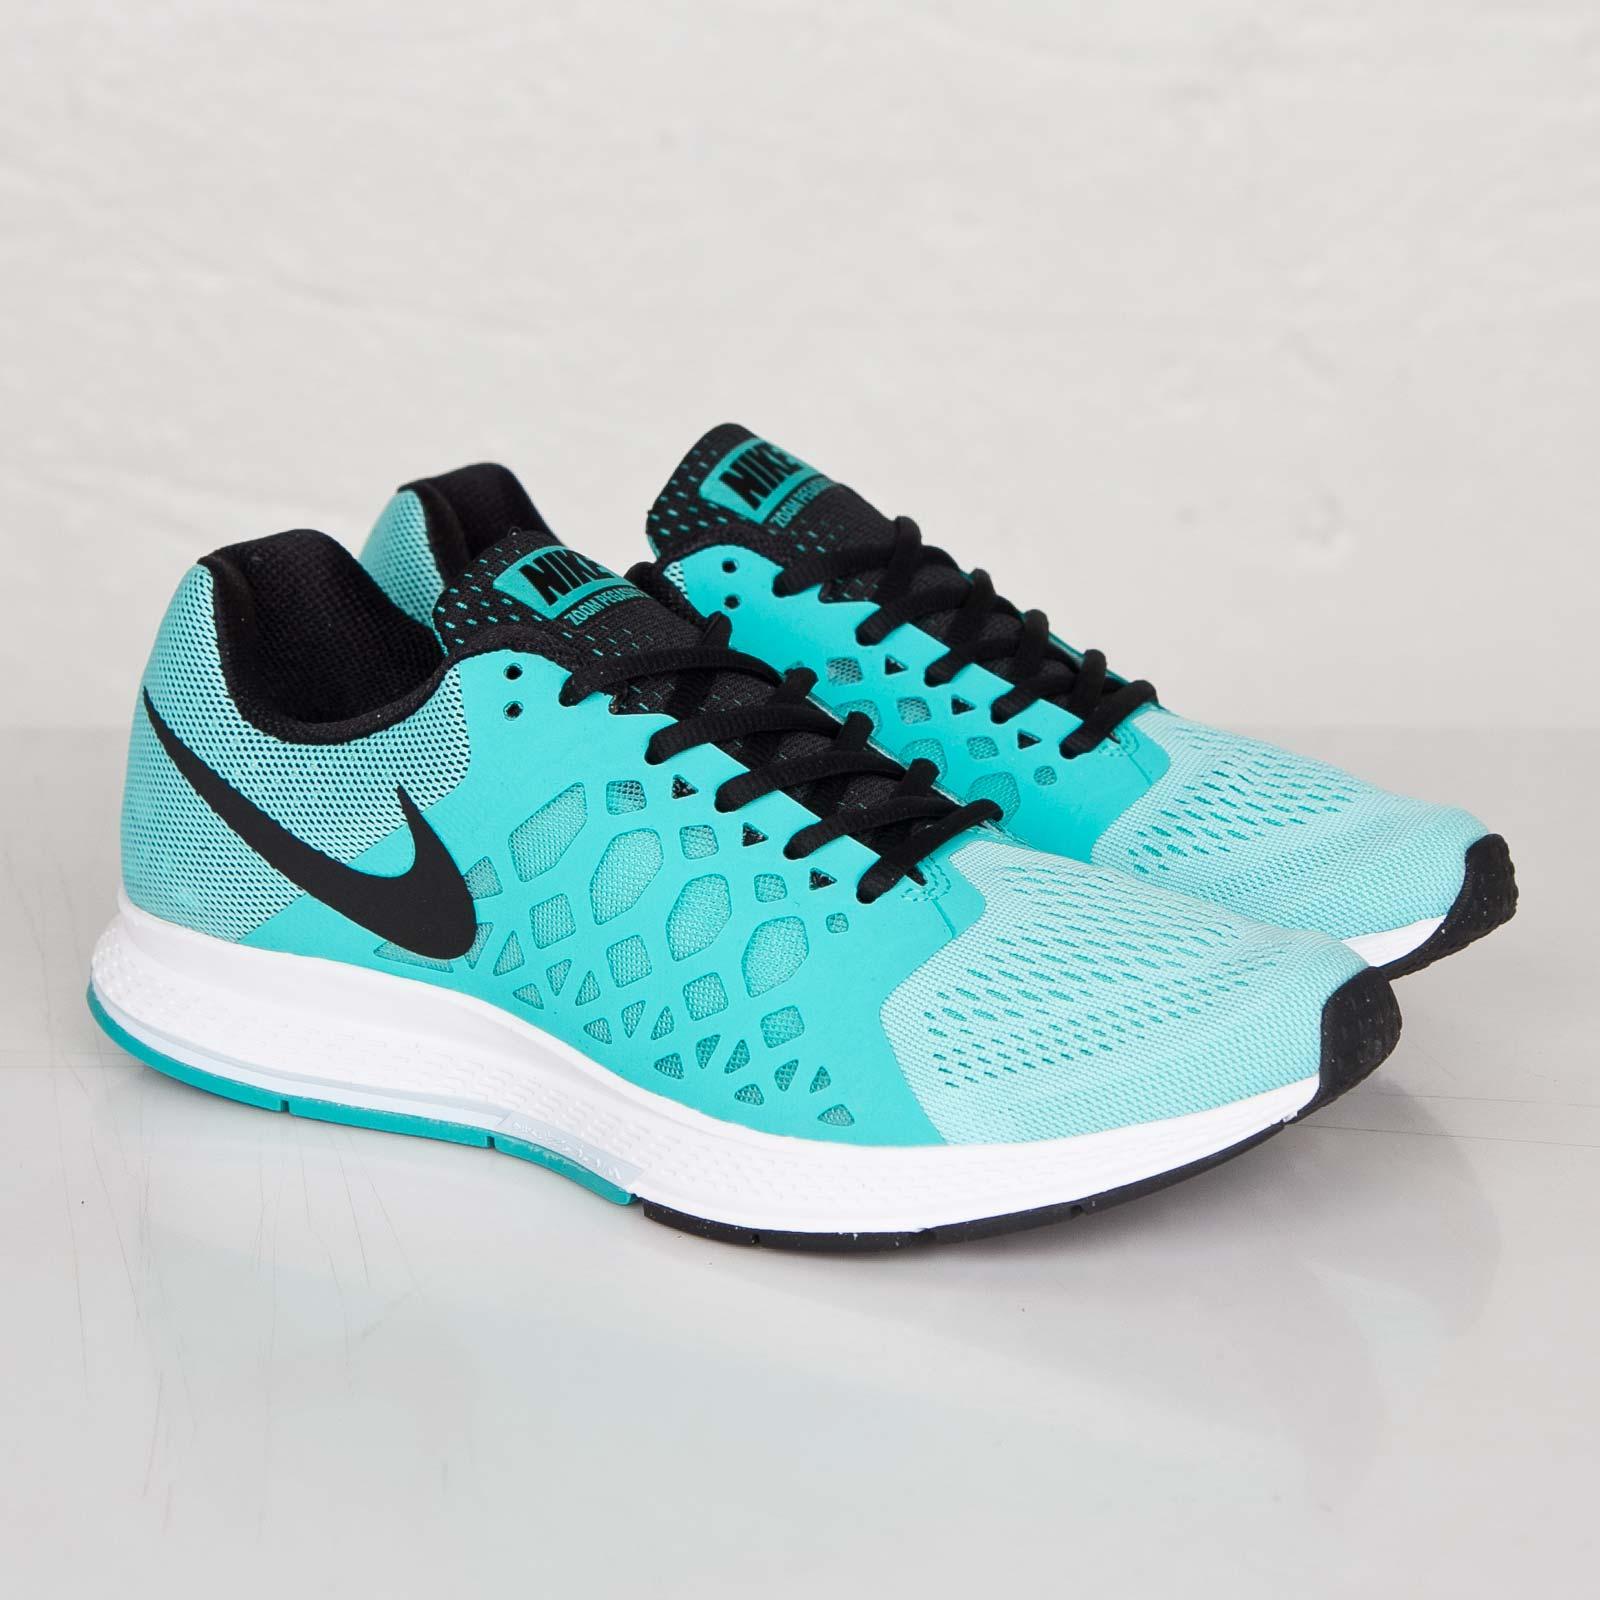 Jual Nike air zoom (nike running) - Bakul sepatu original ...